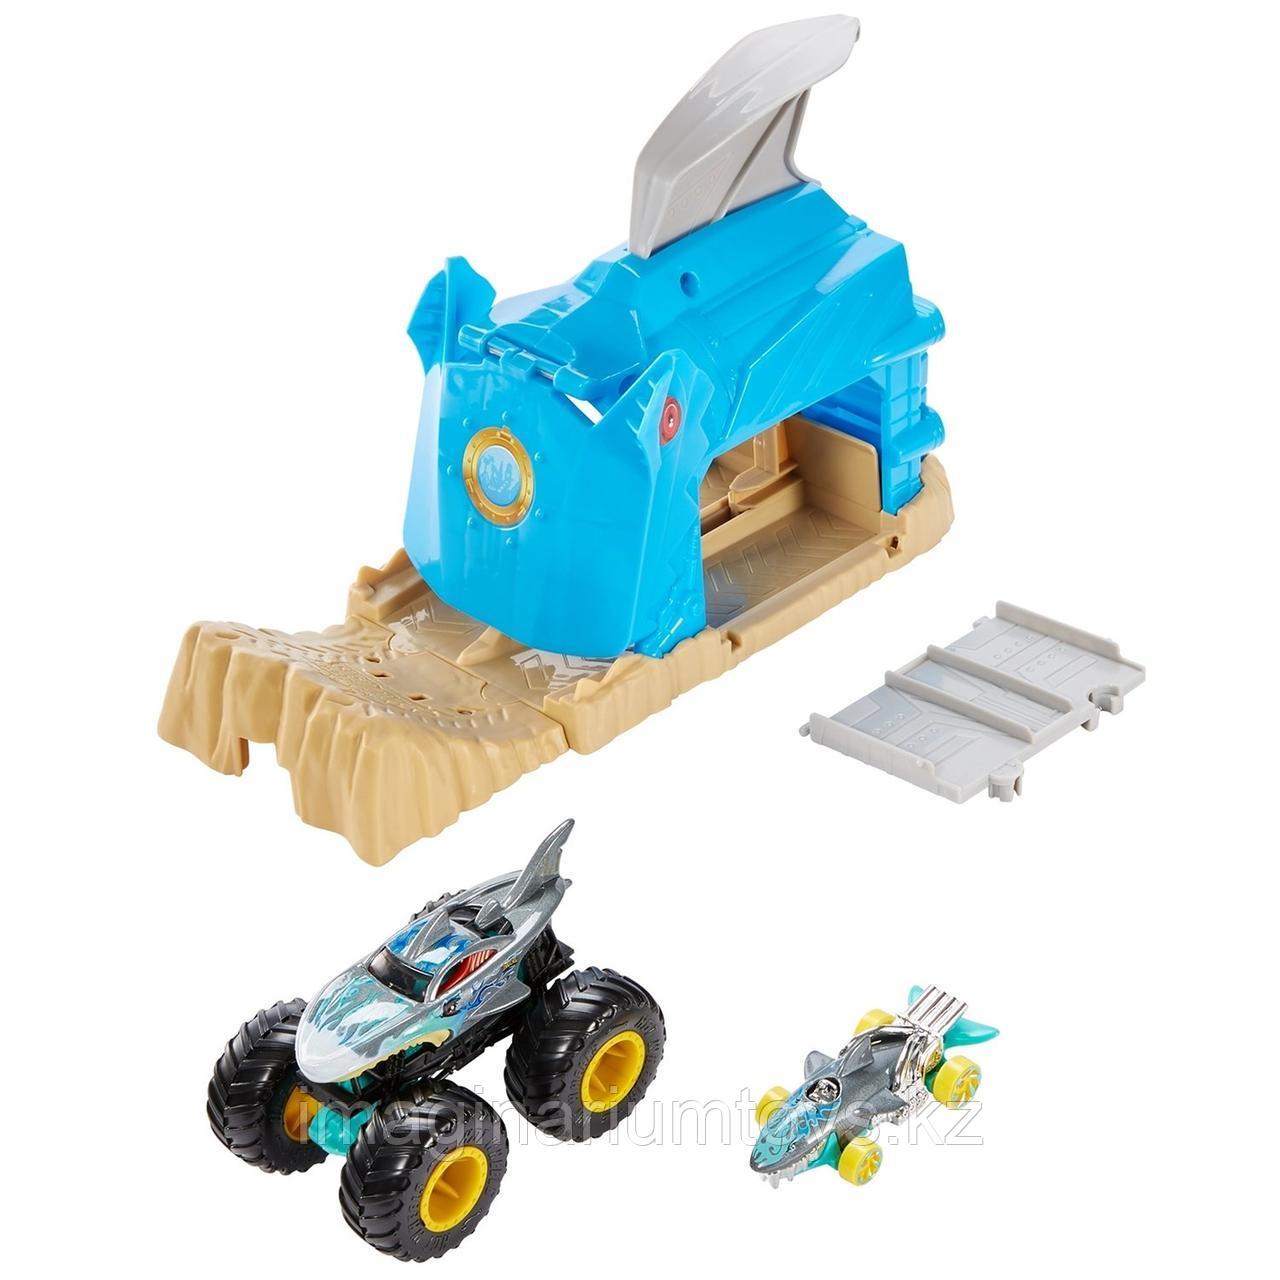 Hot Wheels игровой набор Монстр-Трак Пусковой гараж Акула